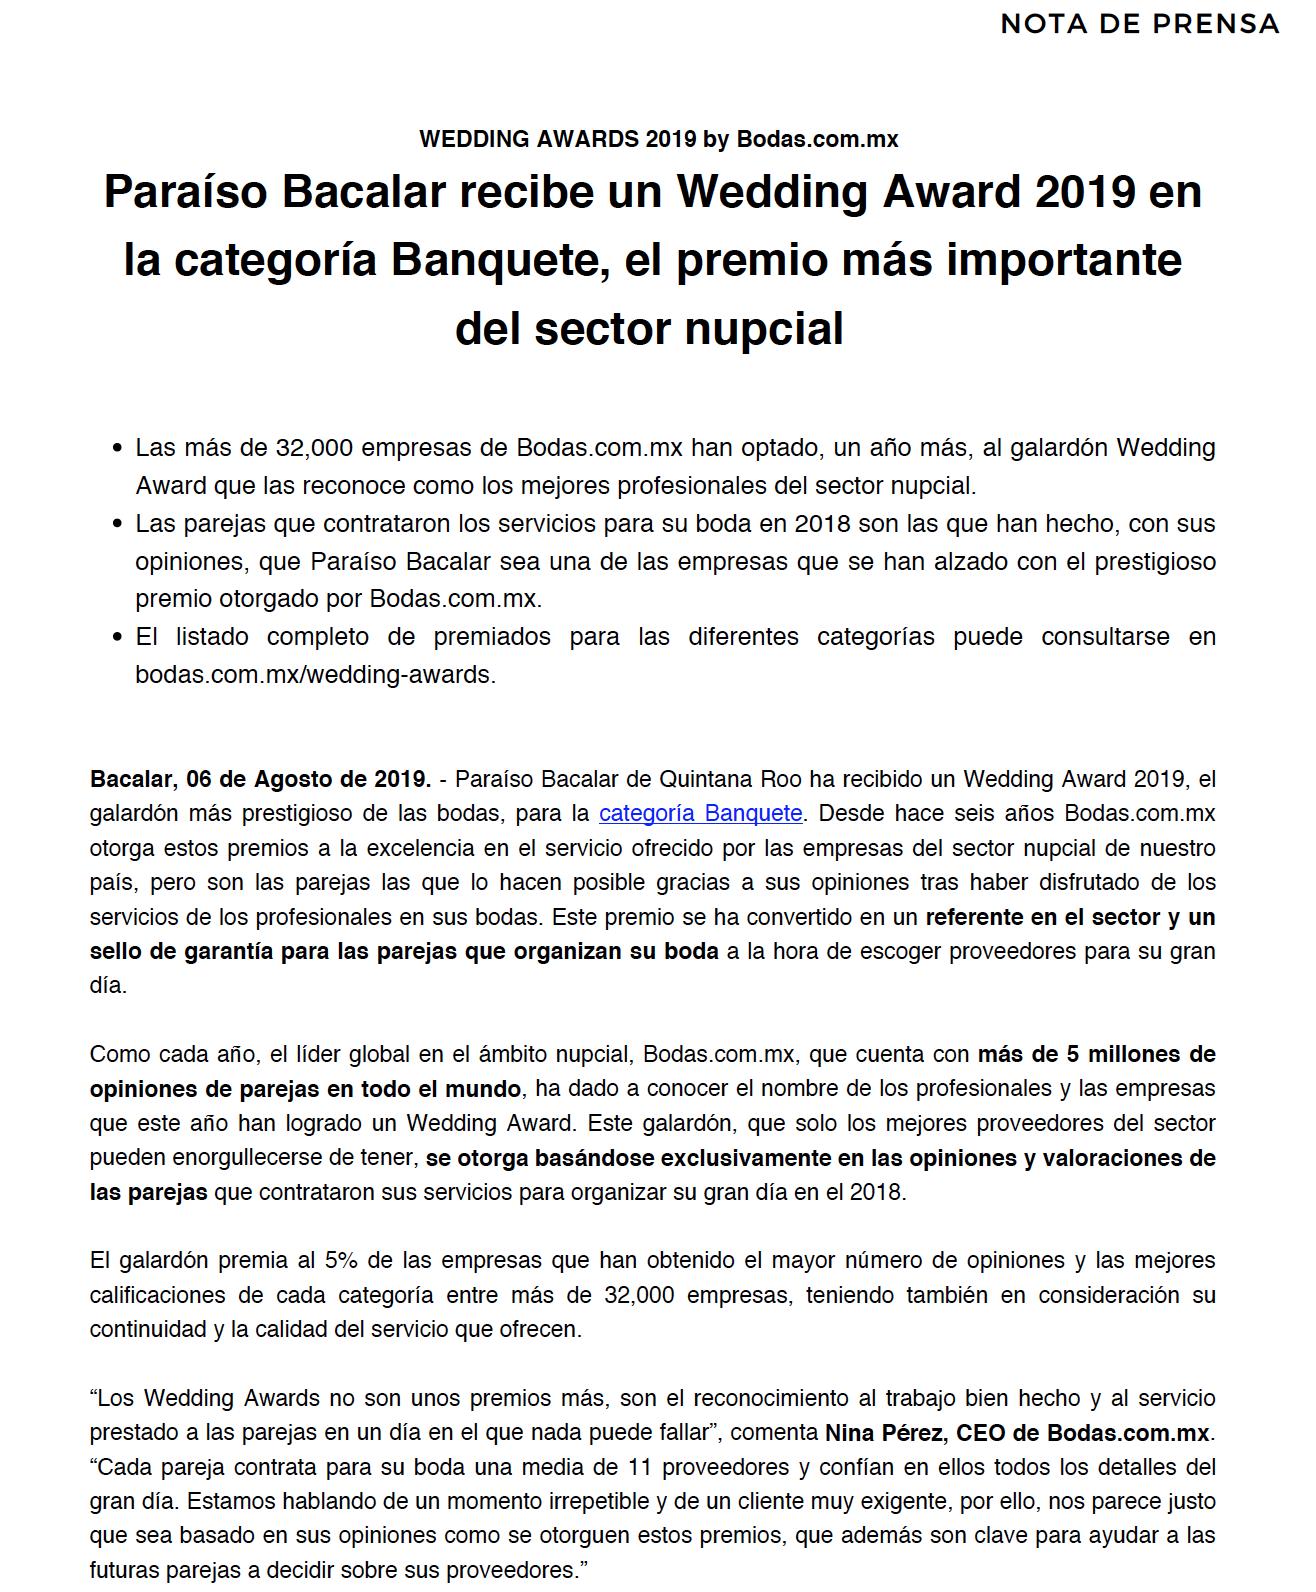 Captura de Pantalla 2019-08-07 a la(s) 5